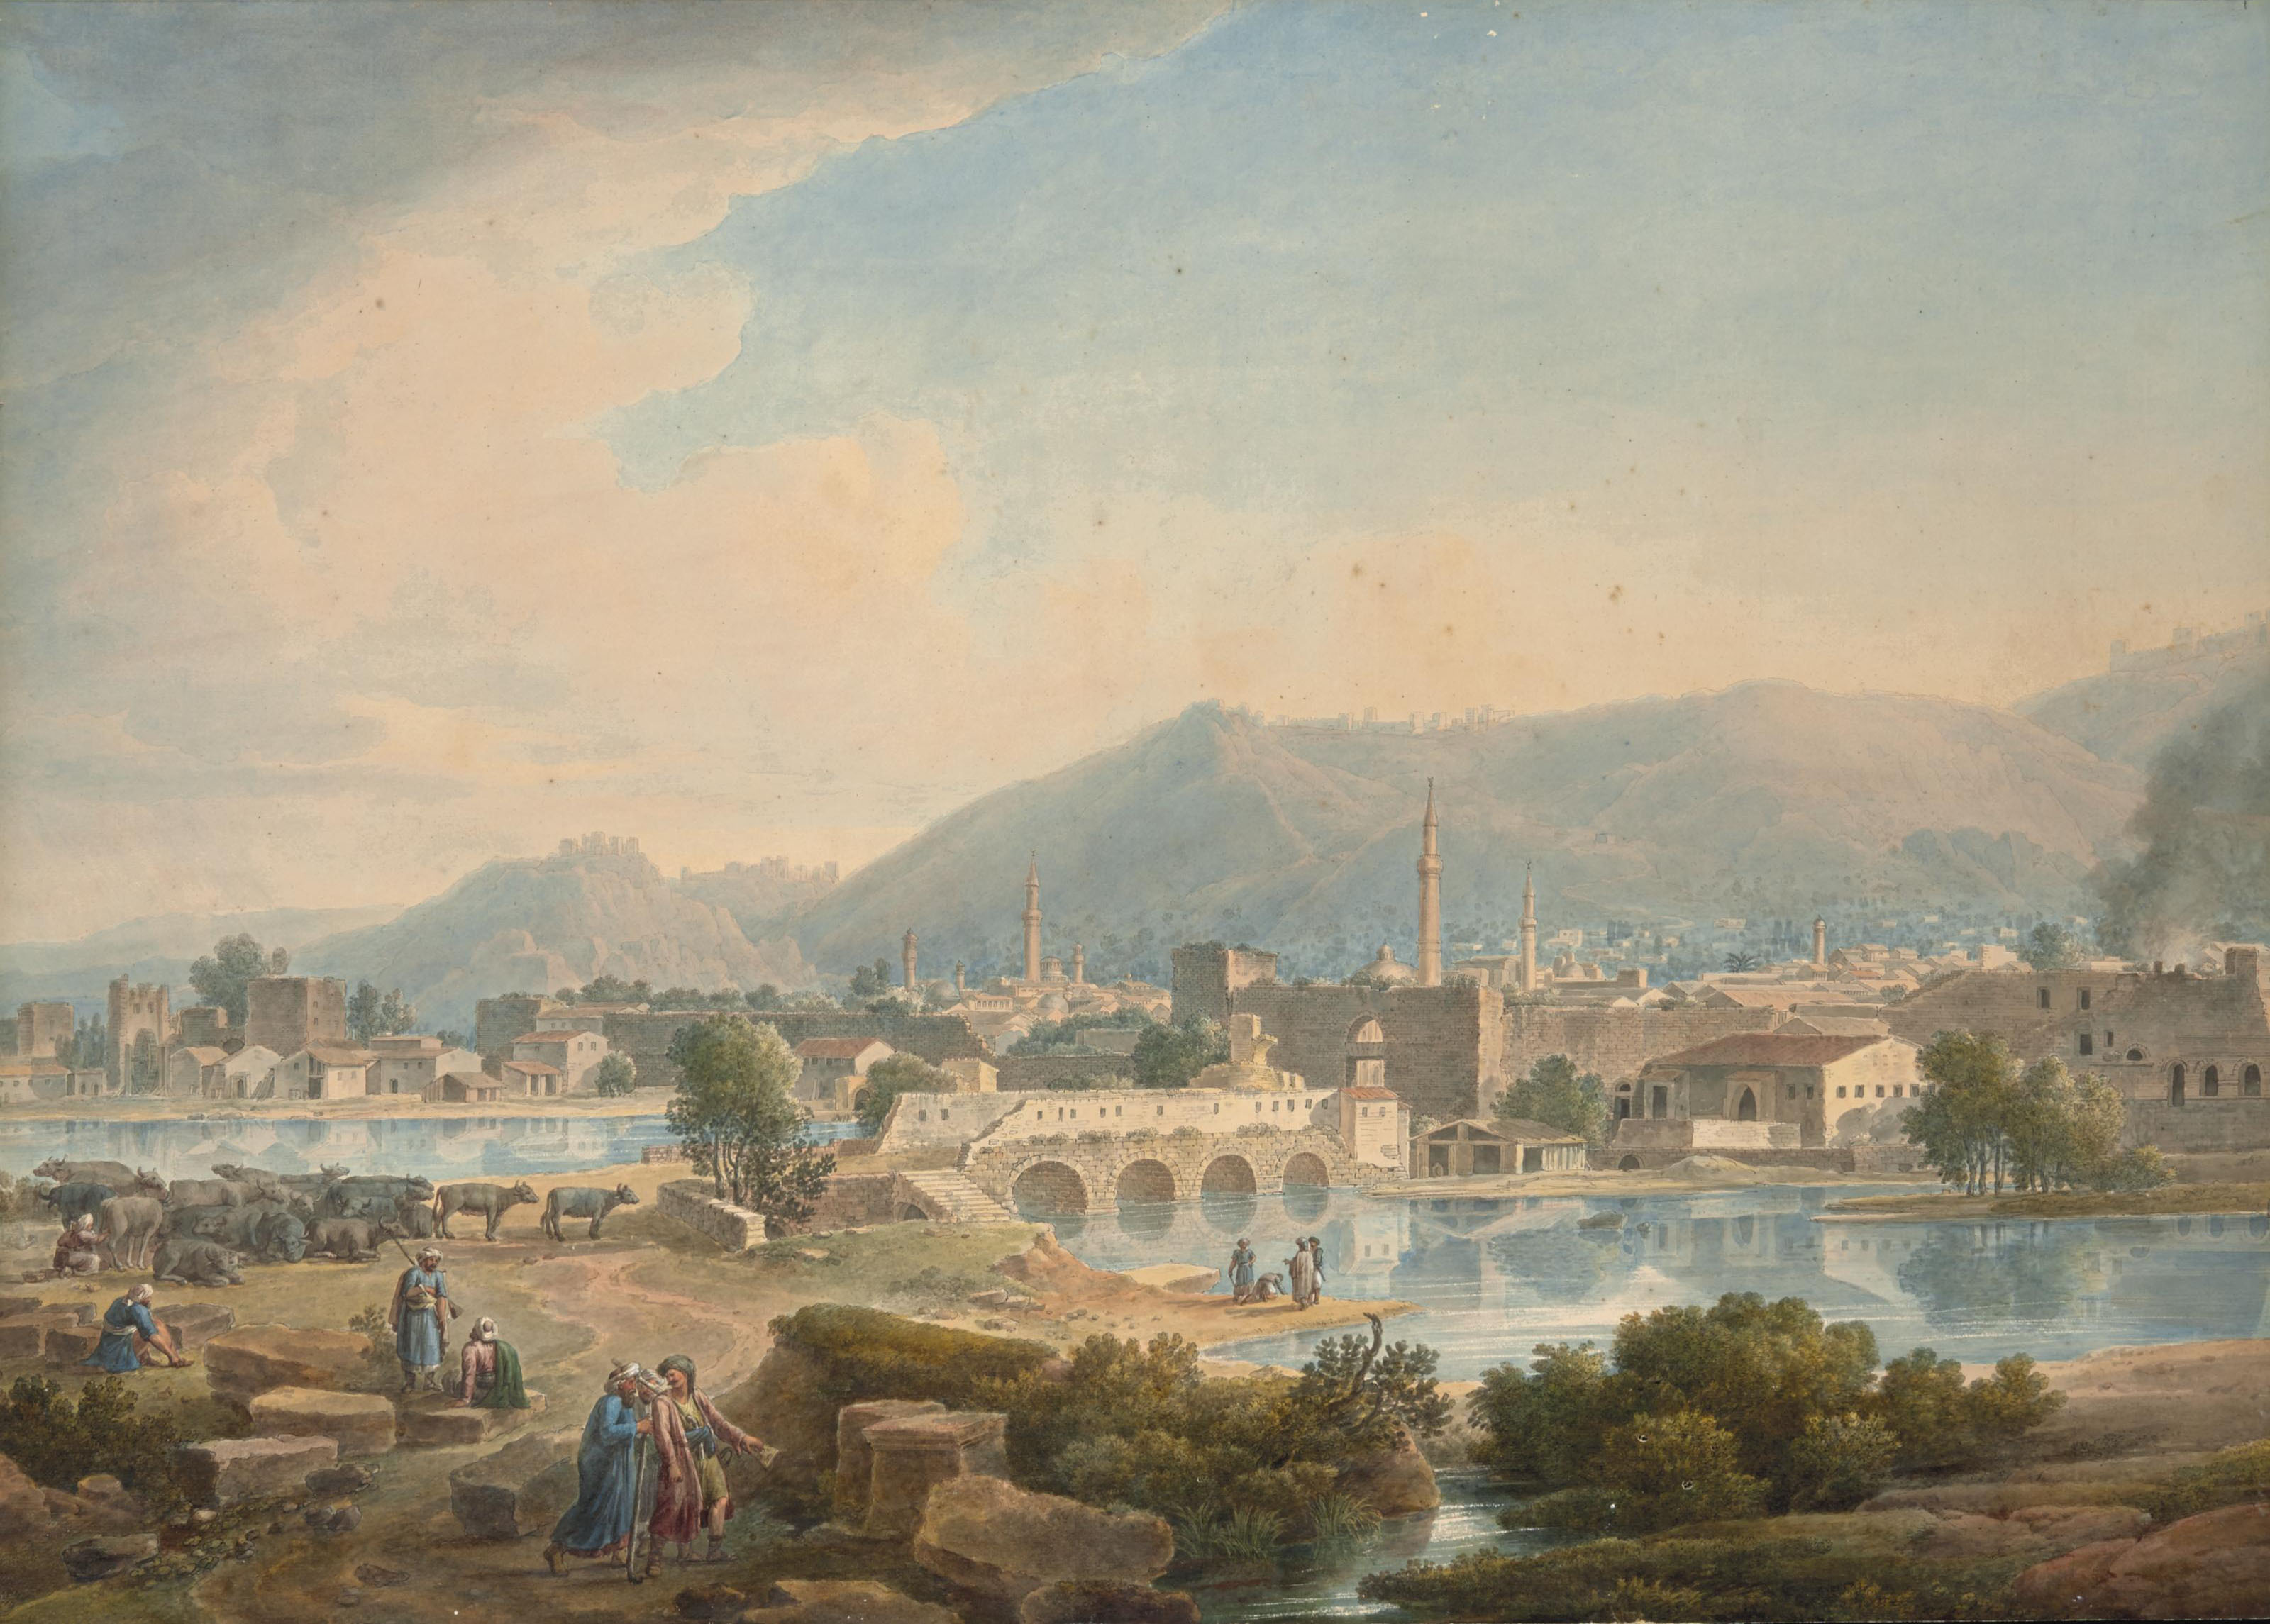 Vue d'Antioche, en Turquie, des personnages et un troupeau au premier plan